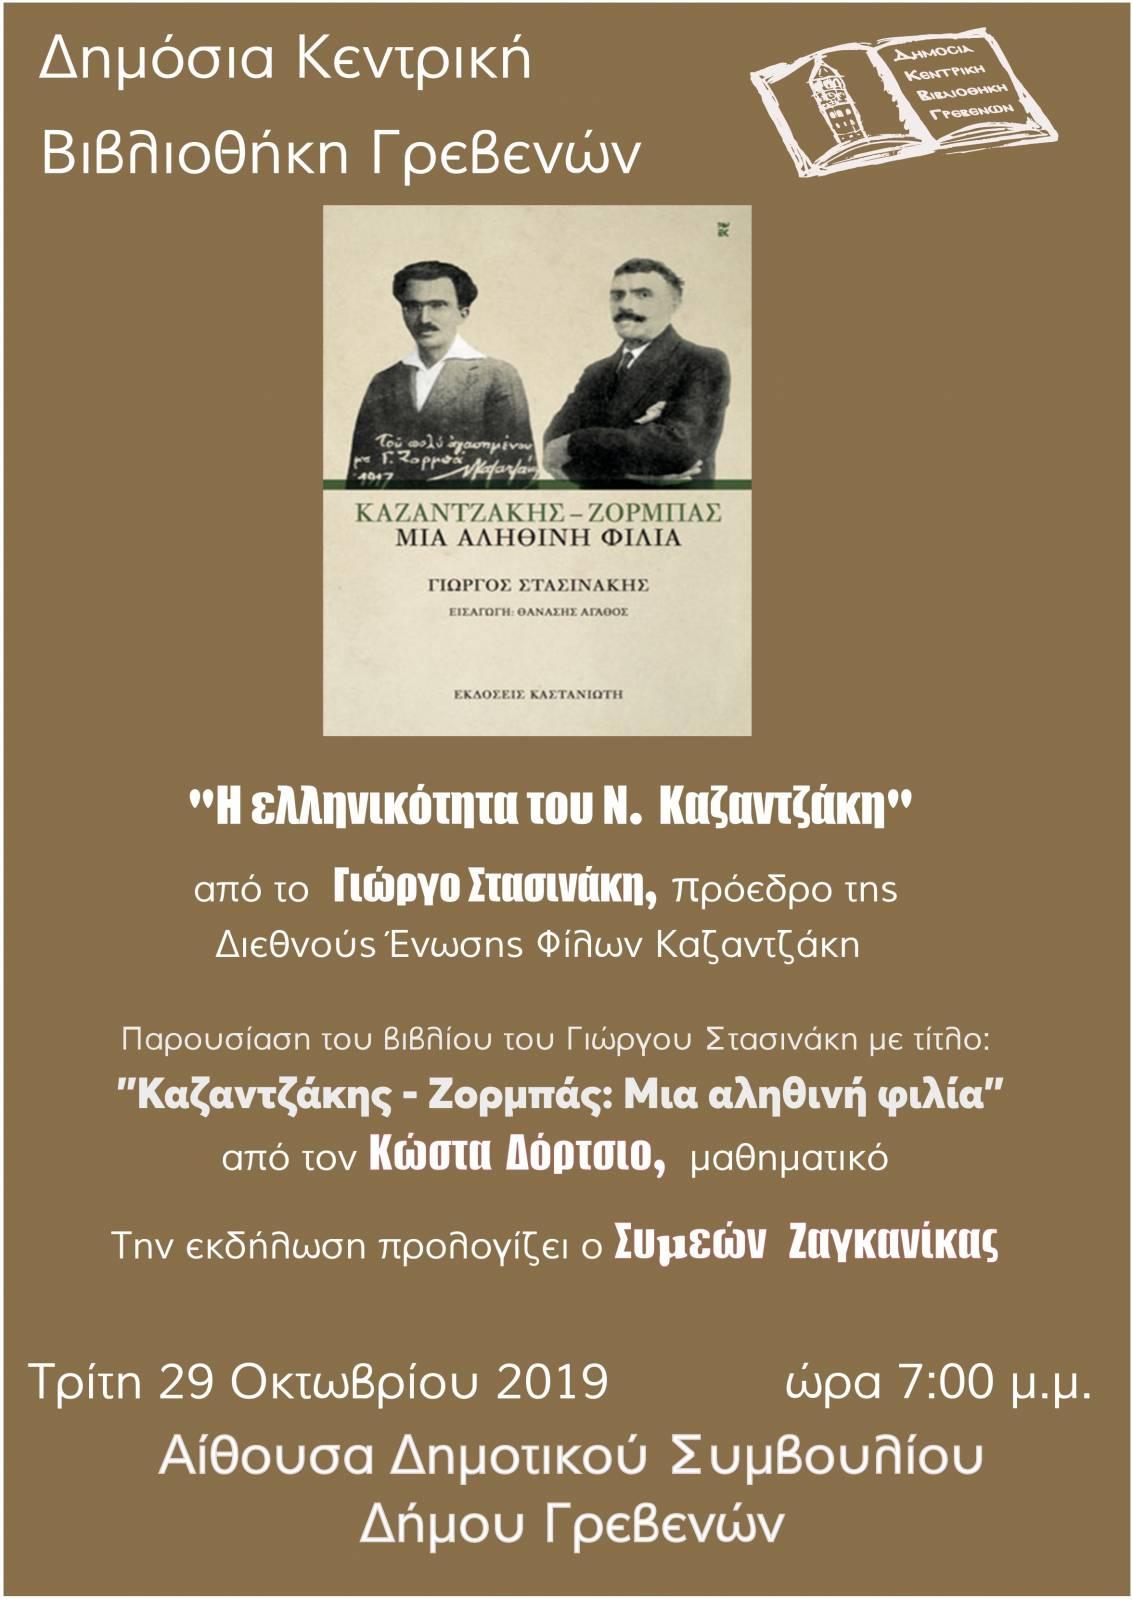 """Παρουσίαση βιβλίου:""""Η ελληνικότητα του Ν. Καζαντζάκη"""" σήμερα Τρίτη 29 Οκτωβρίου"""